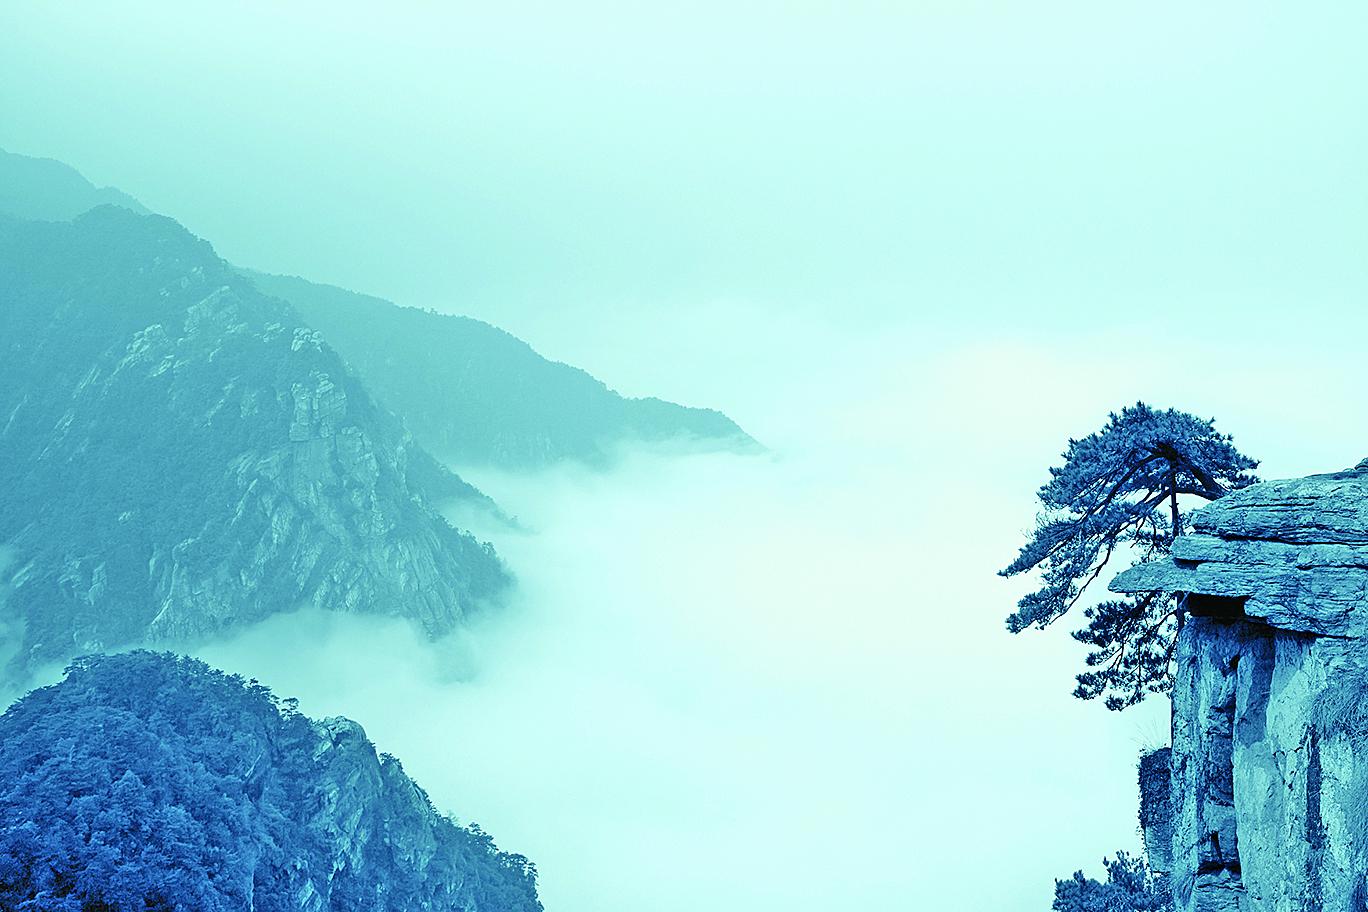 松樹在懸崖上,雲霧廬山(Fotolia)